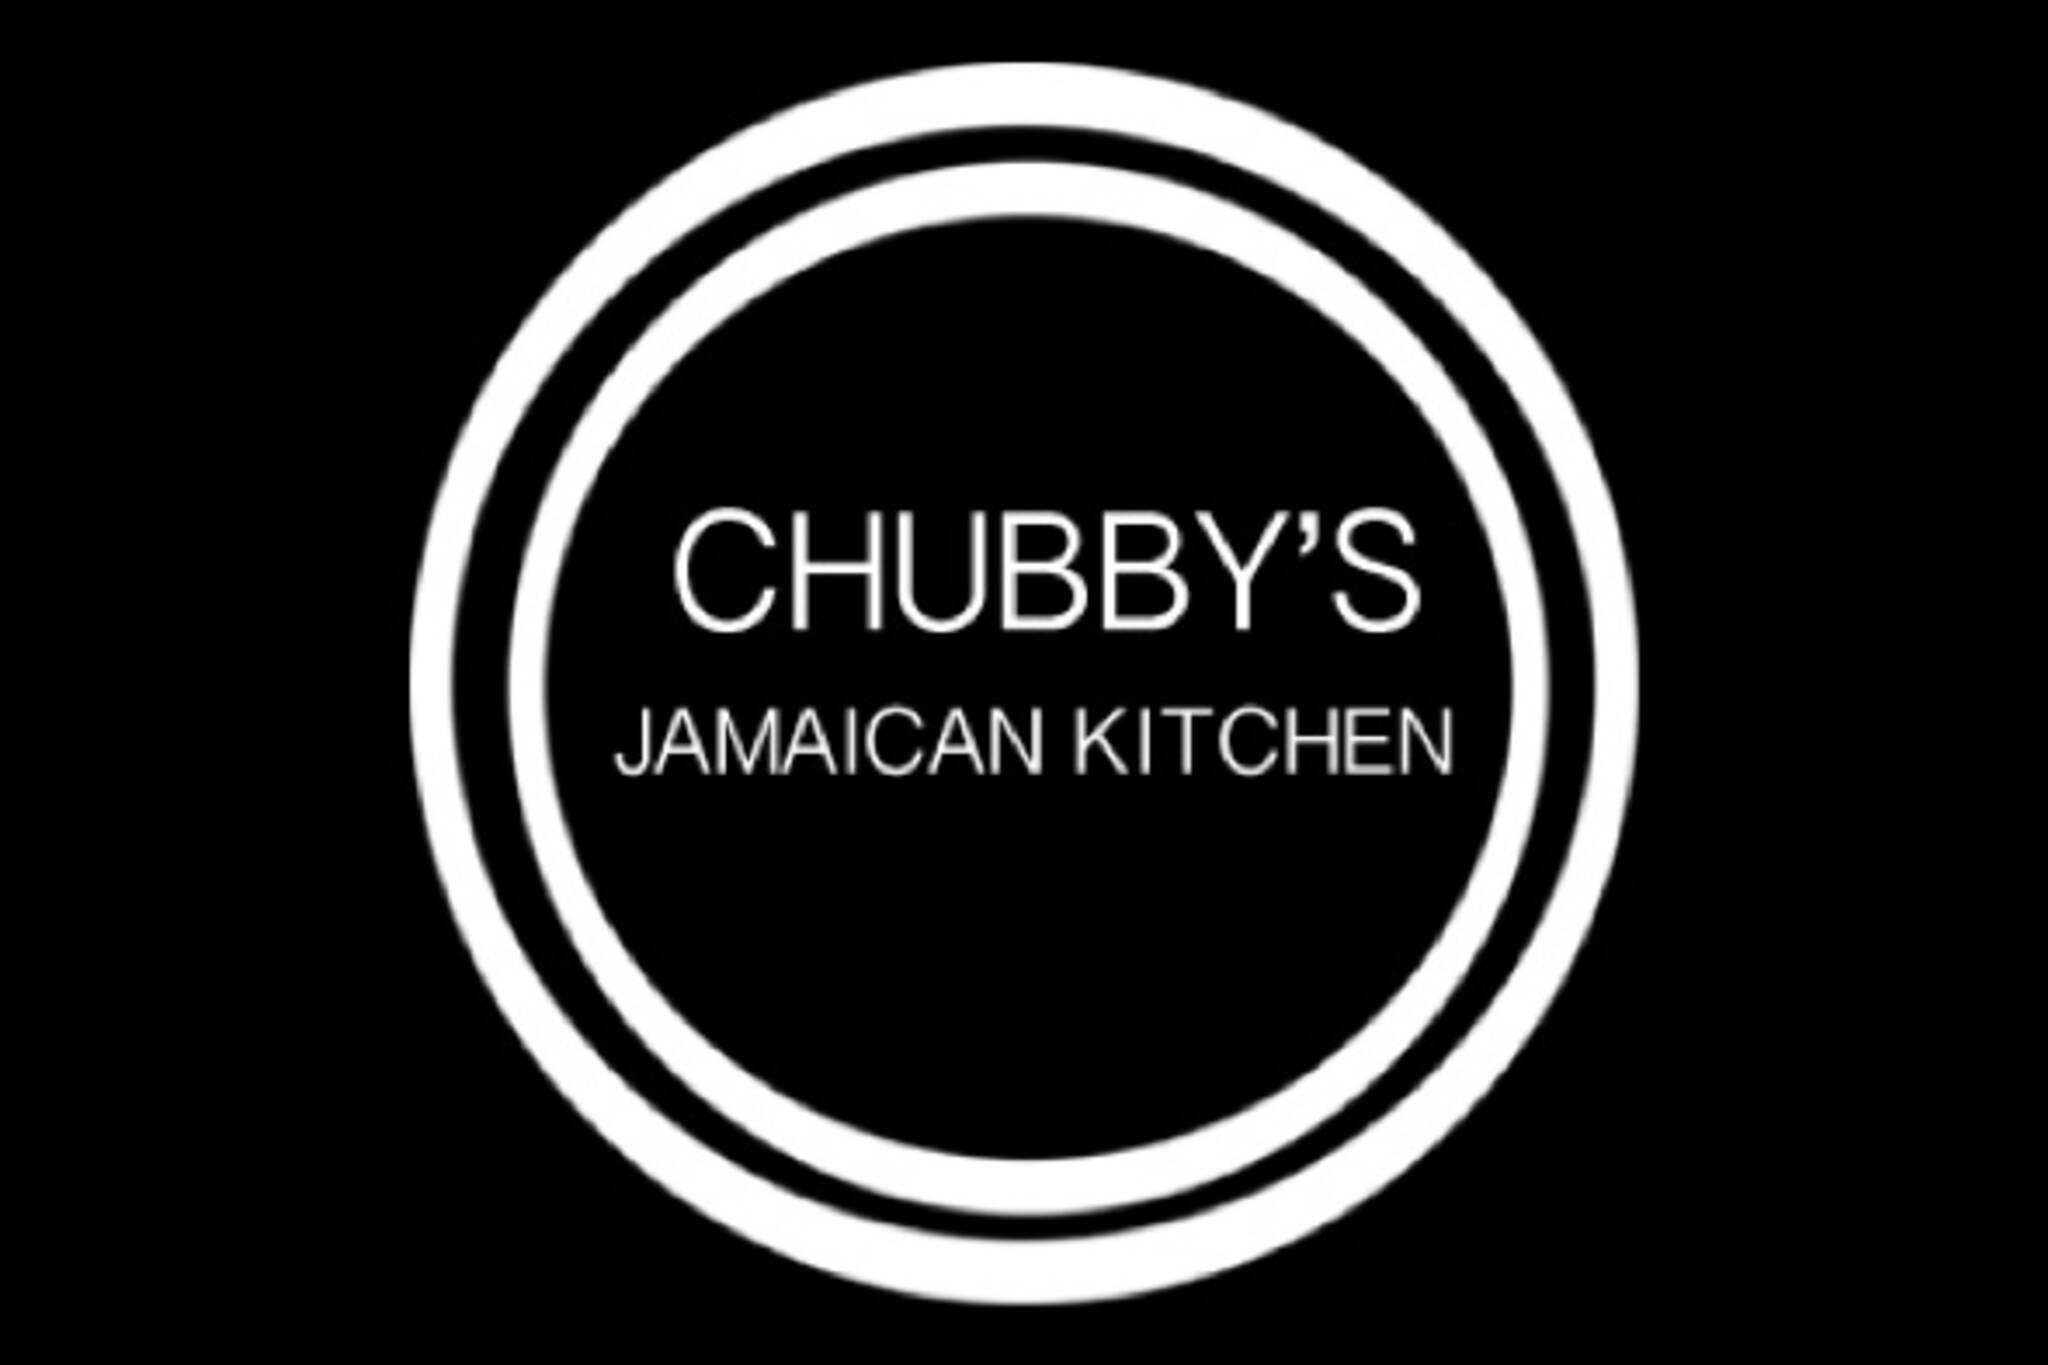 Chubbys Jamaican Kitchen